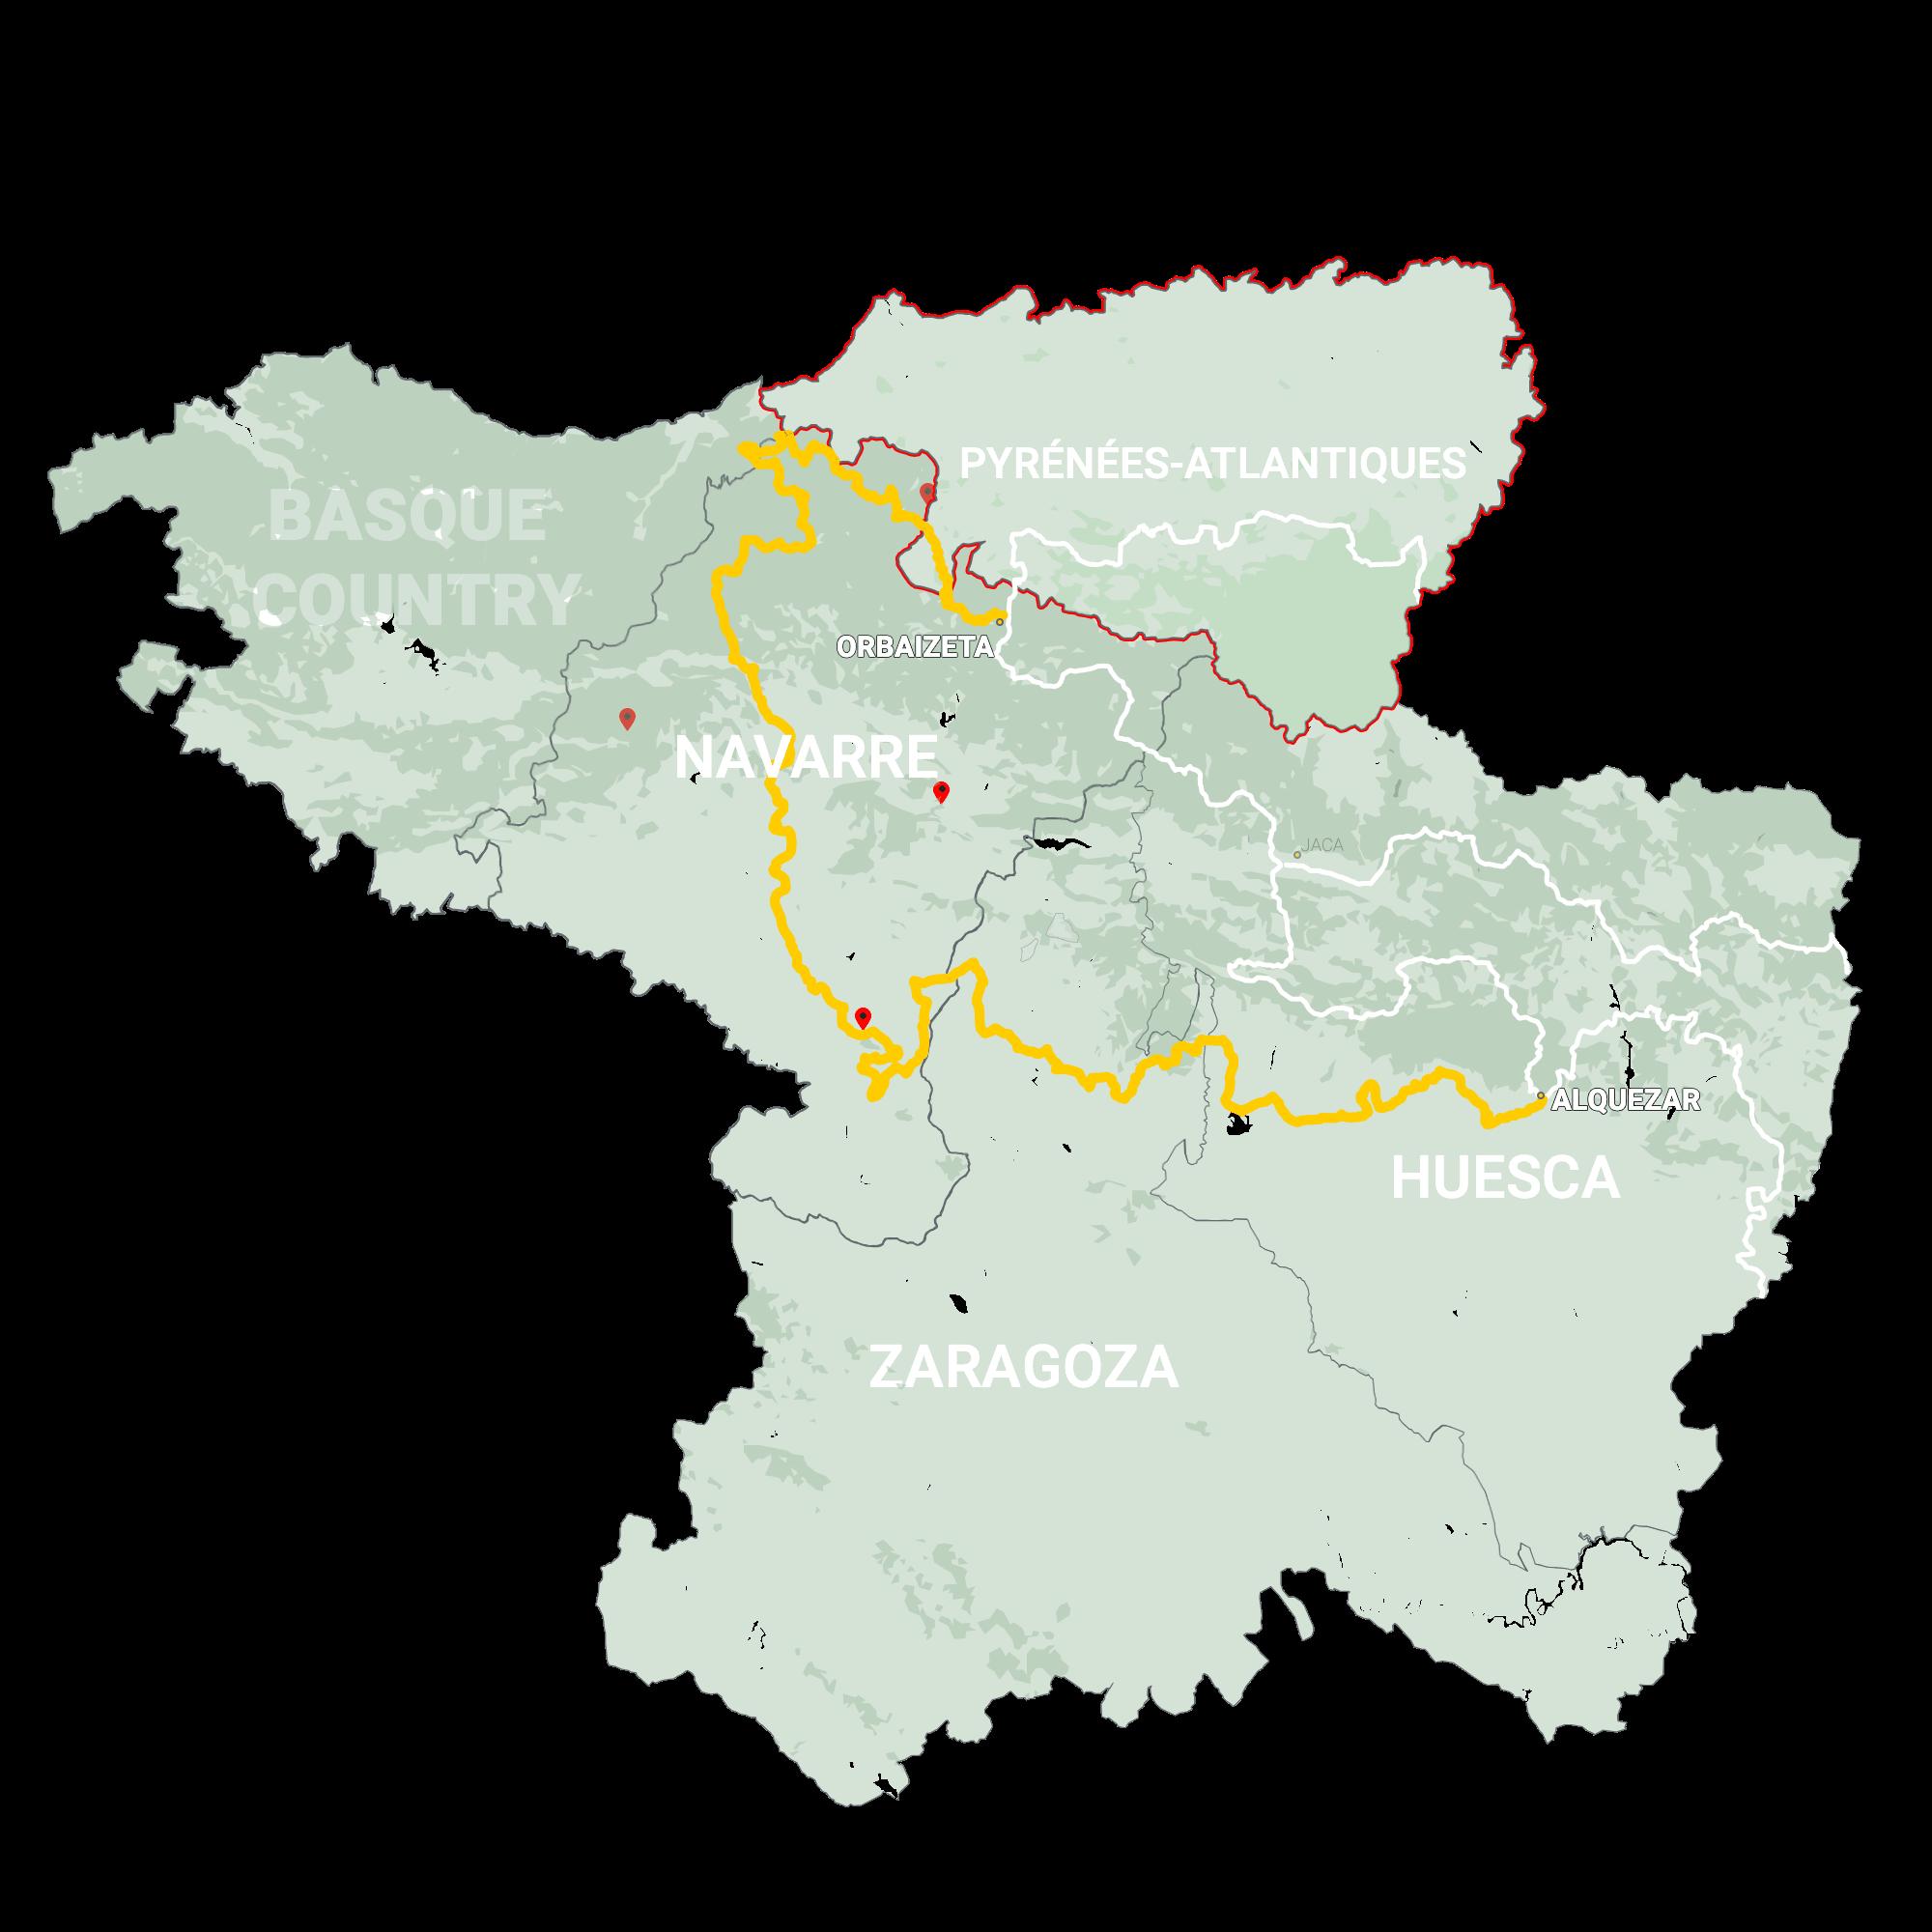 GLR 25 Region Pyrénées-Atlantiques Map Overview